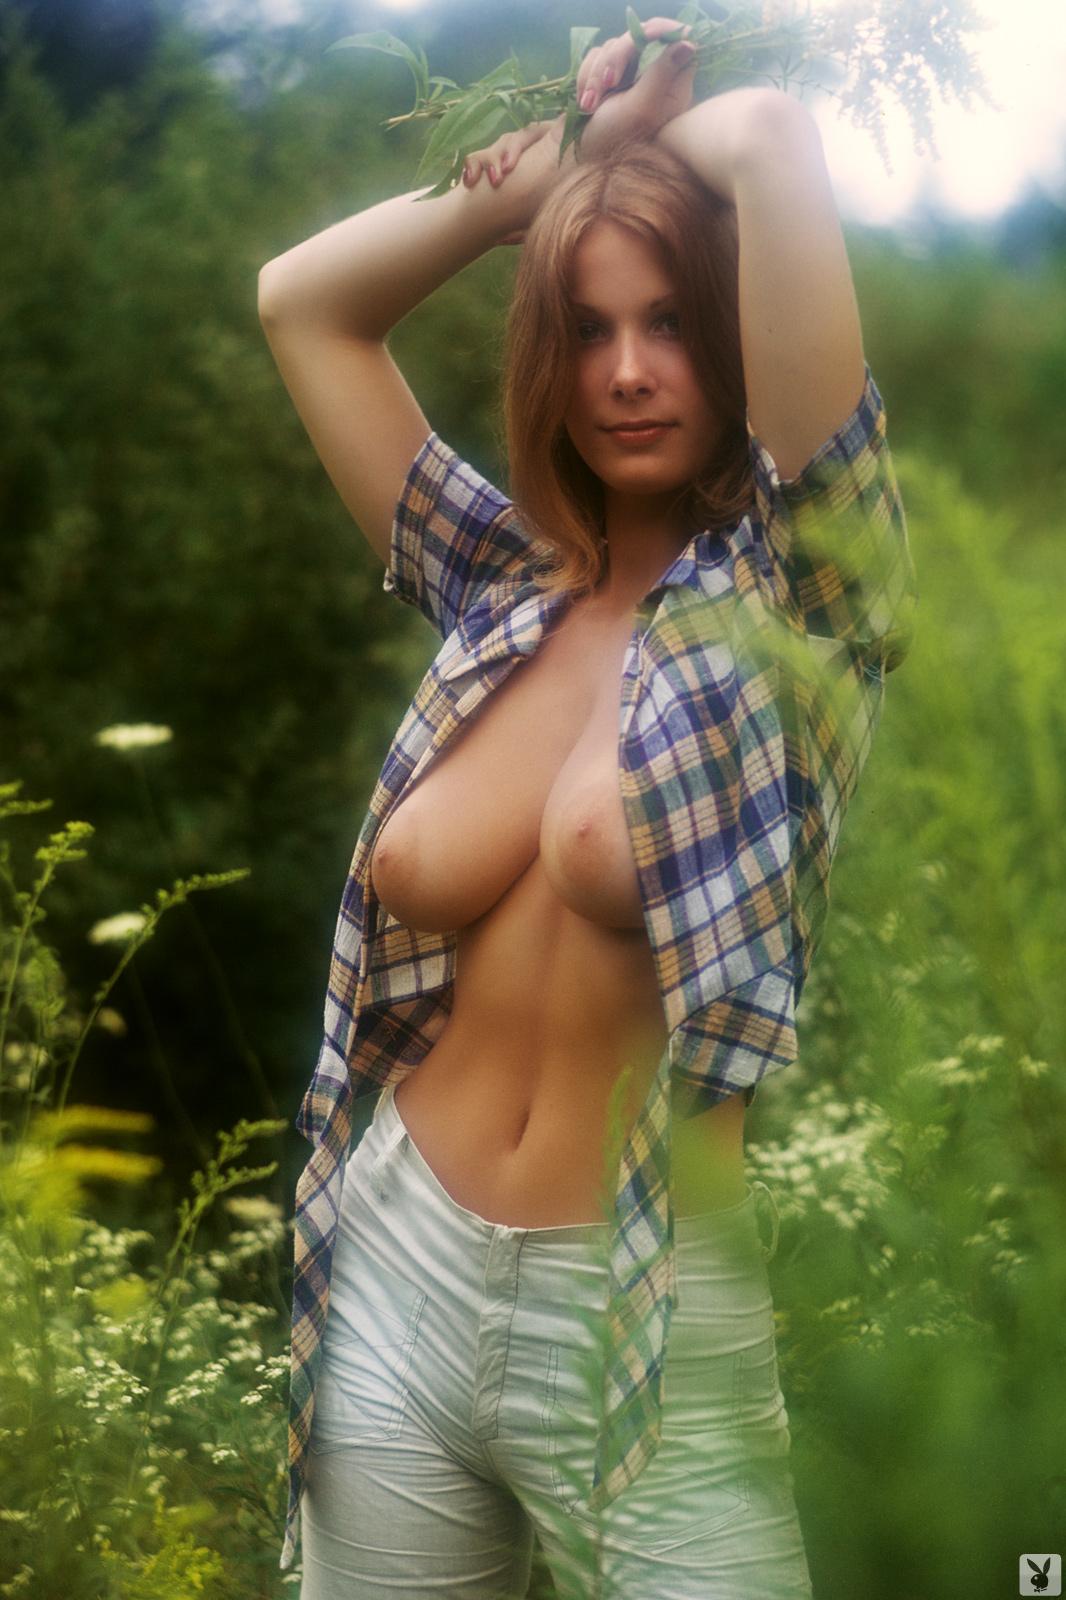 русские секси женщины фото - 8